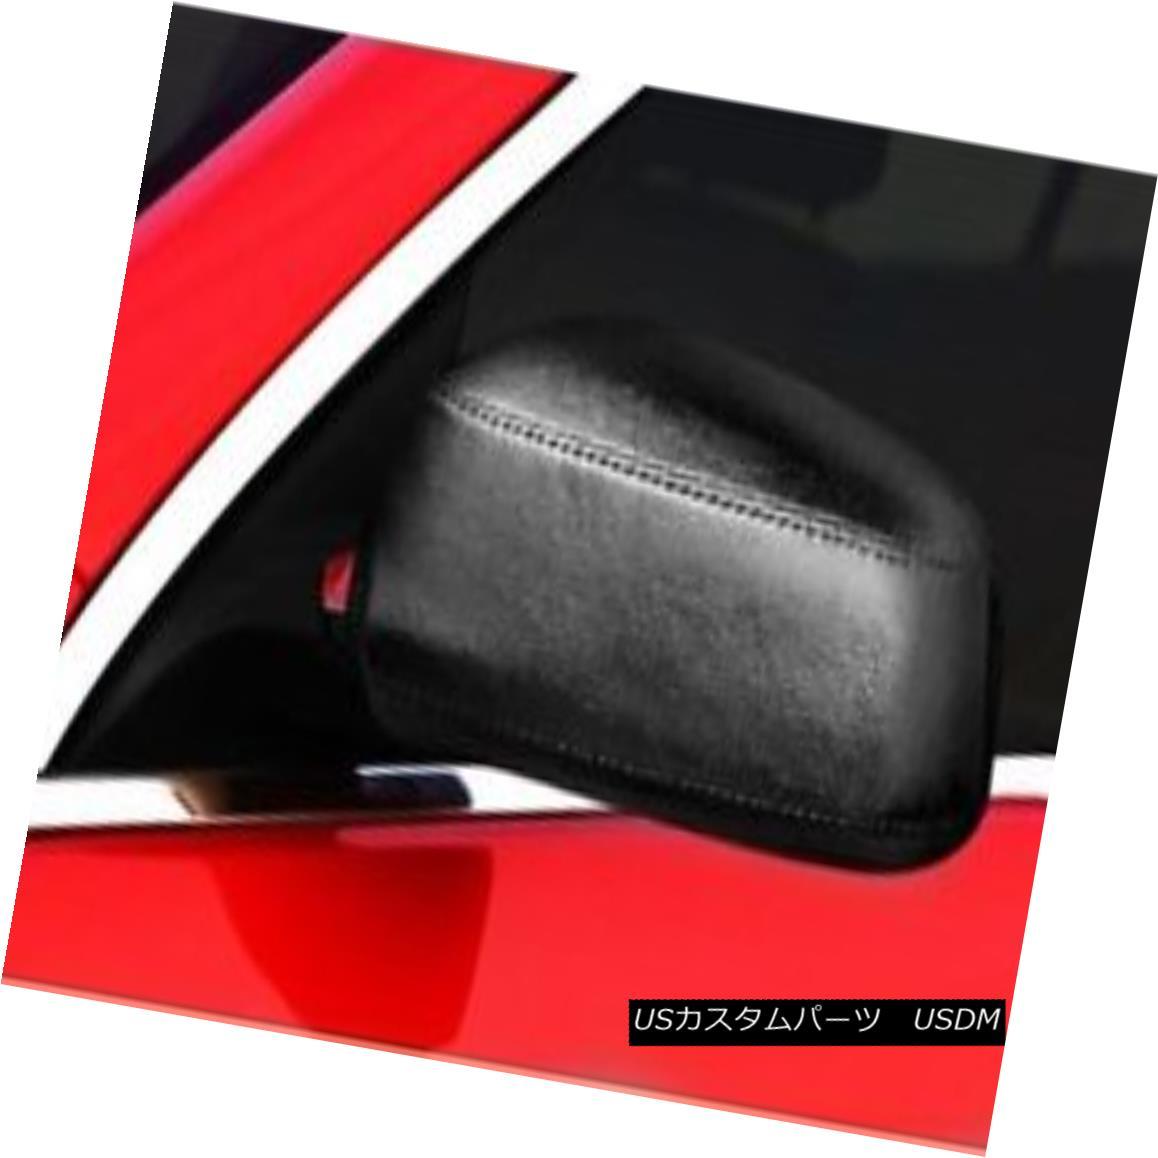 フルブラ ノーズブラ Colgan Car Mirror Covers Bra Protector Black Fits 2003-2005 HONDA Pilot wiFog Colgan Car Mirror Covers Bra Protector Blackは2003-2005年にフィットしますホンダパイロットwiFog